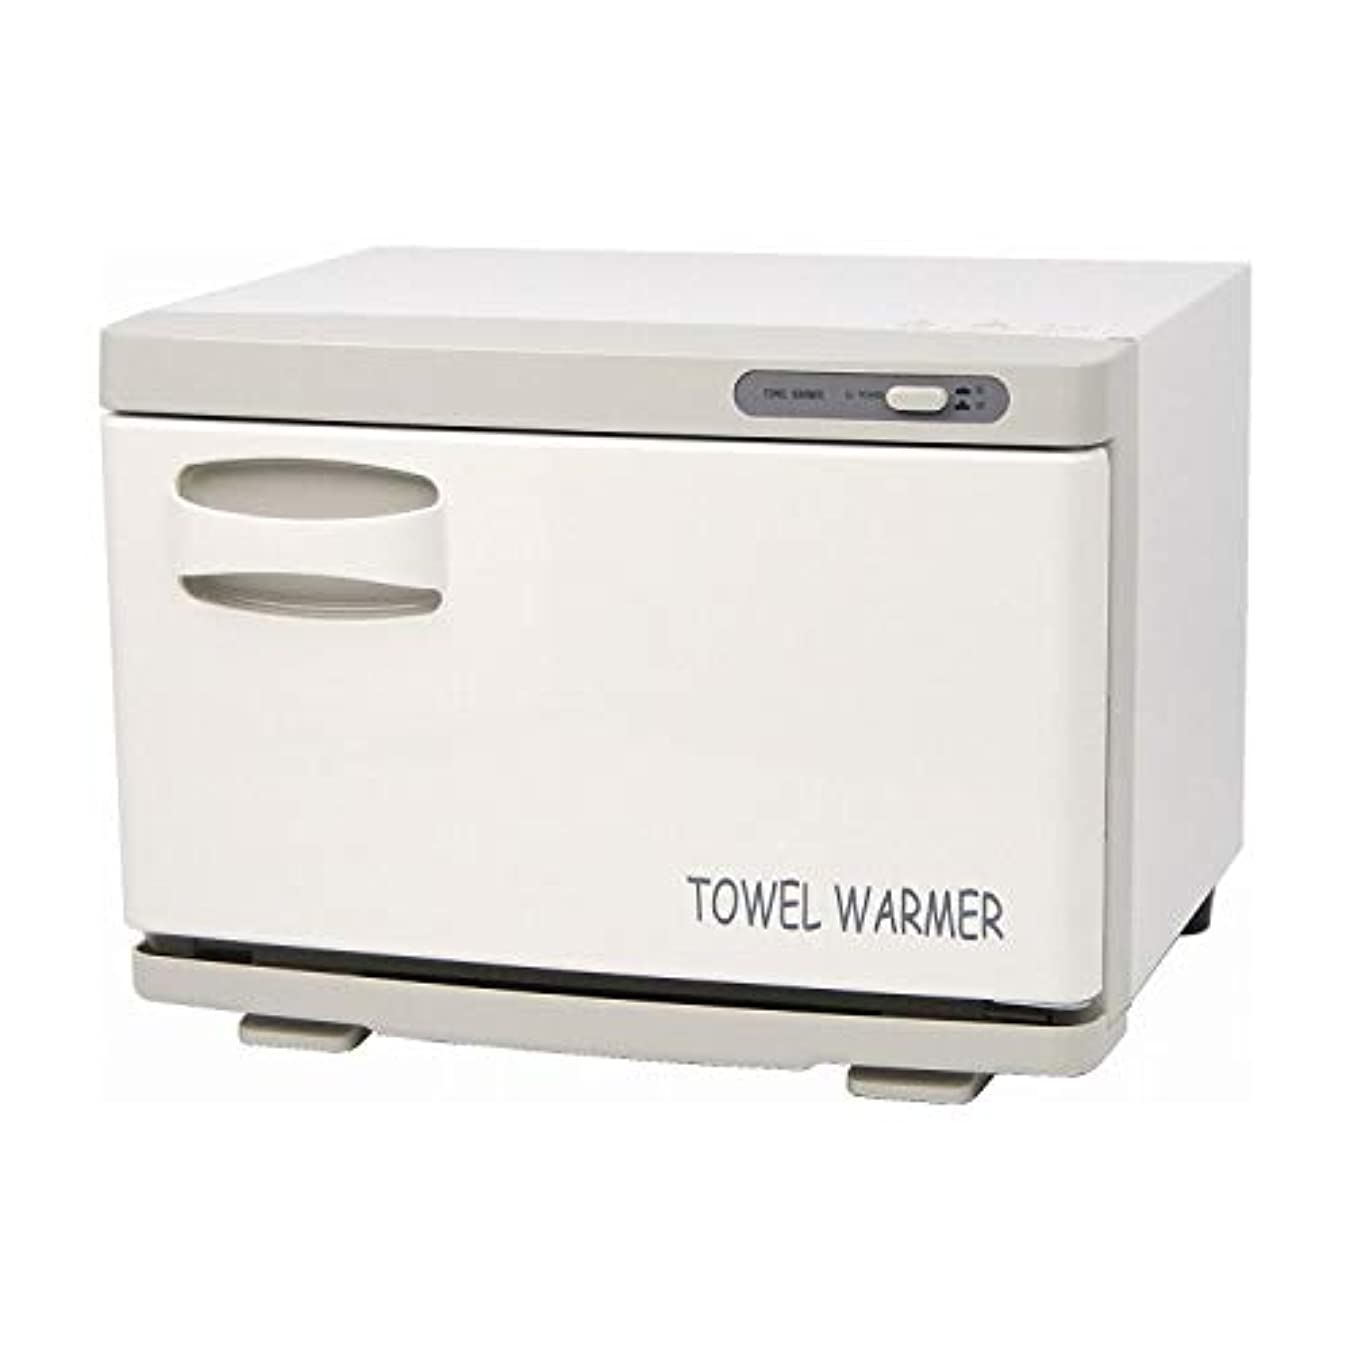 暗いアベニュージャグリングタオルウォーマー TW-12F[ホワイト前開き]新品 おしぼり蒸し器 おしぼりウォーマー ホットウォーマー タオル蒸し器 タオルウオーマー ホットボックス